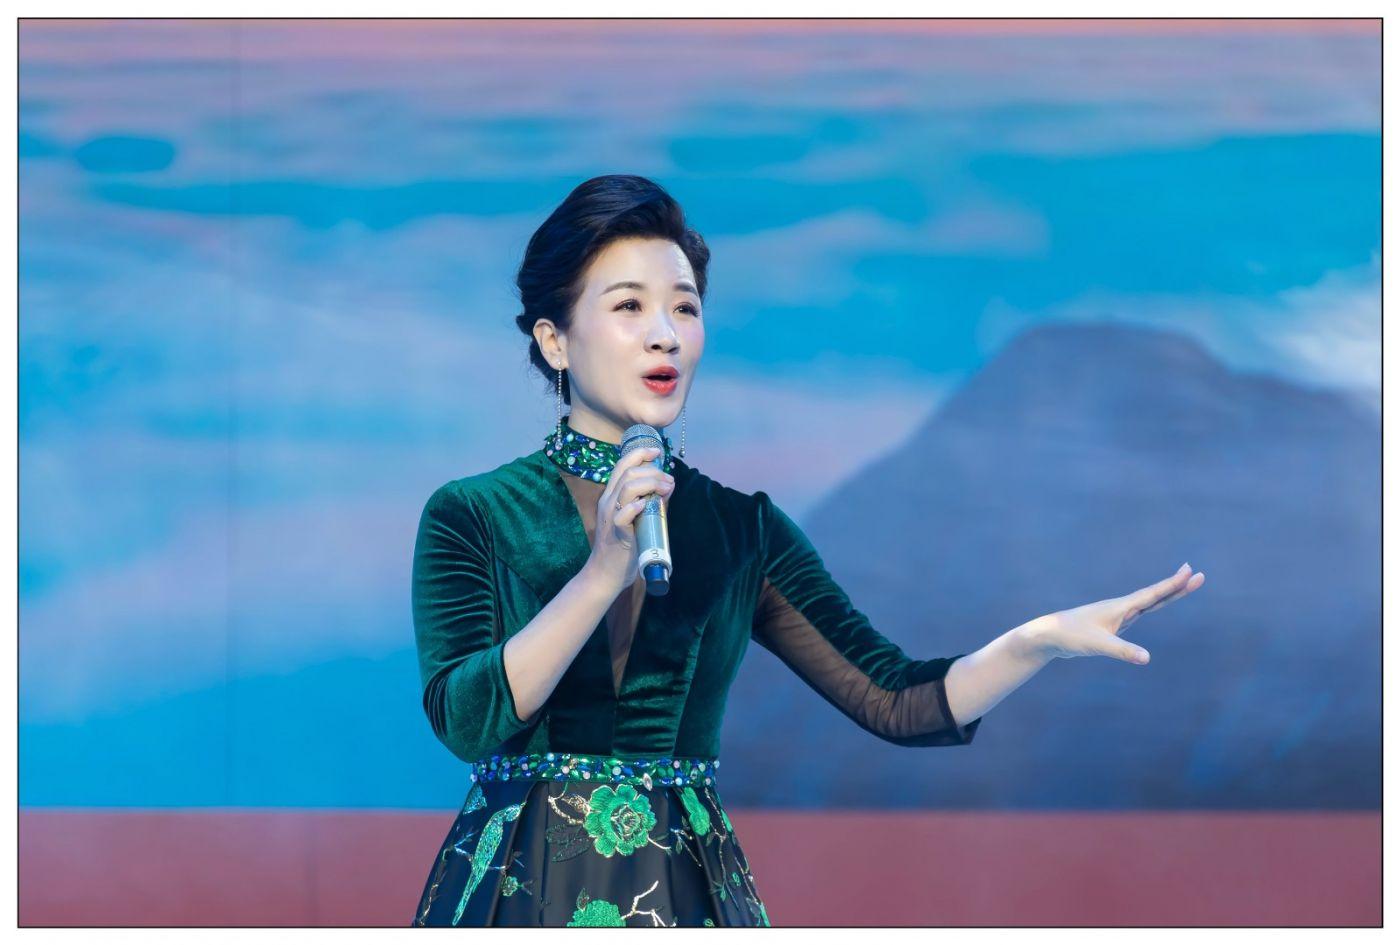 又见星光大道冠军歌手张海军 1月26央视播出 将自己唱哭的歌手 ..._图1-1